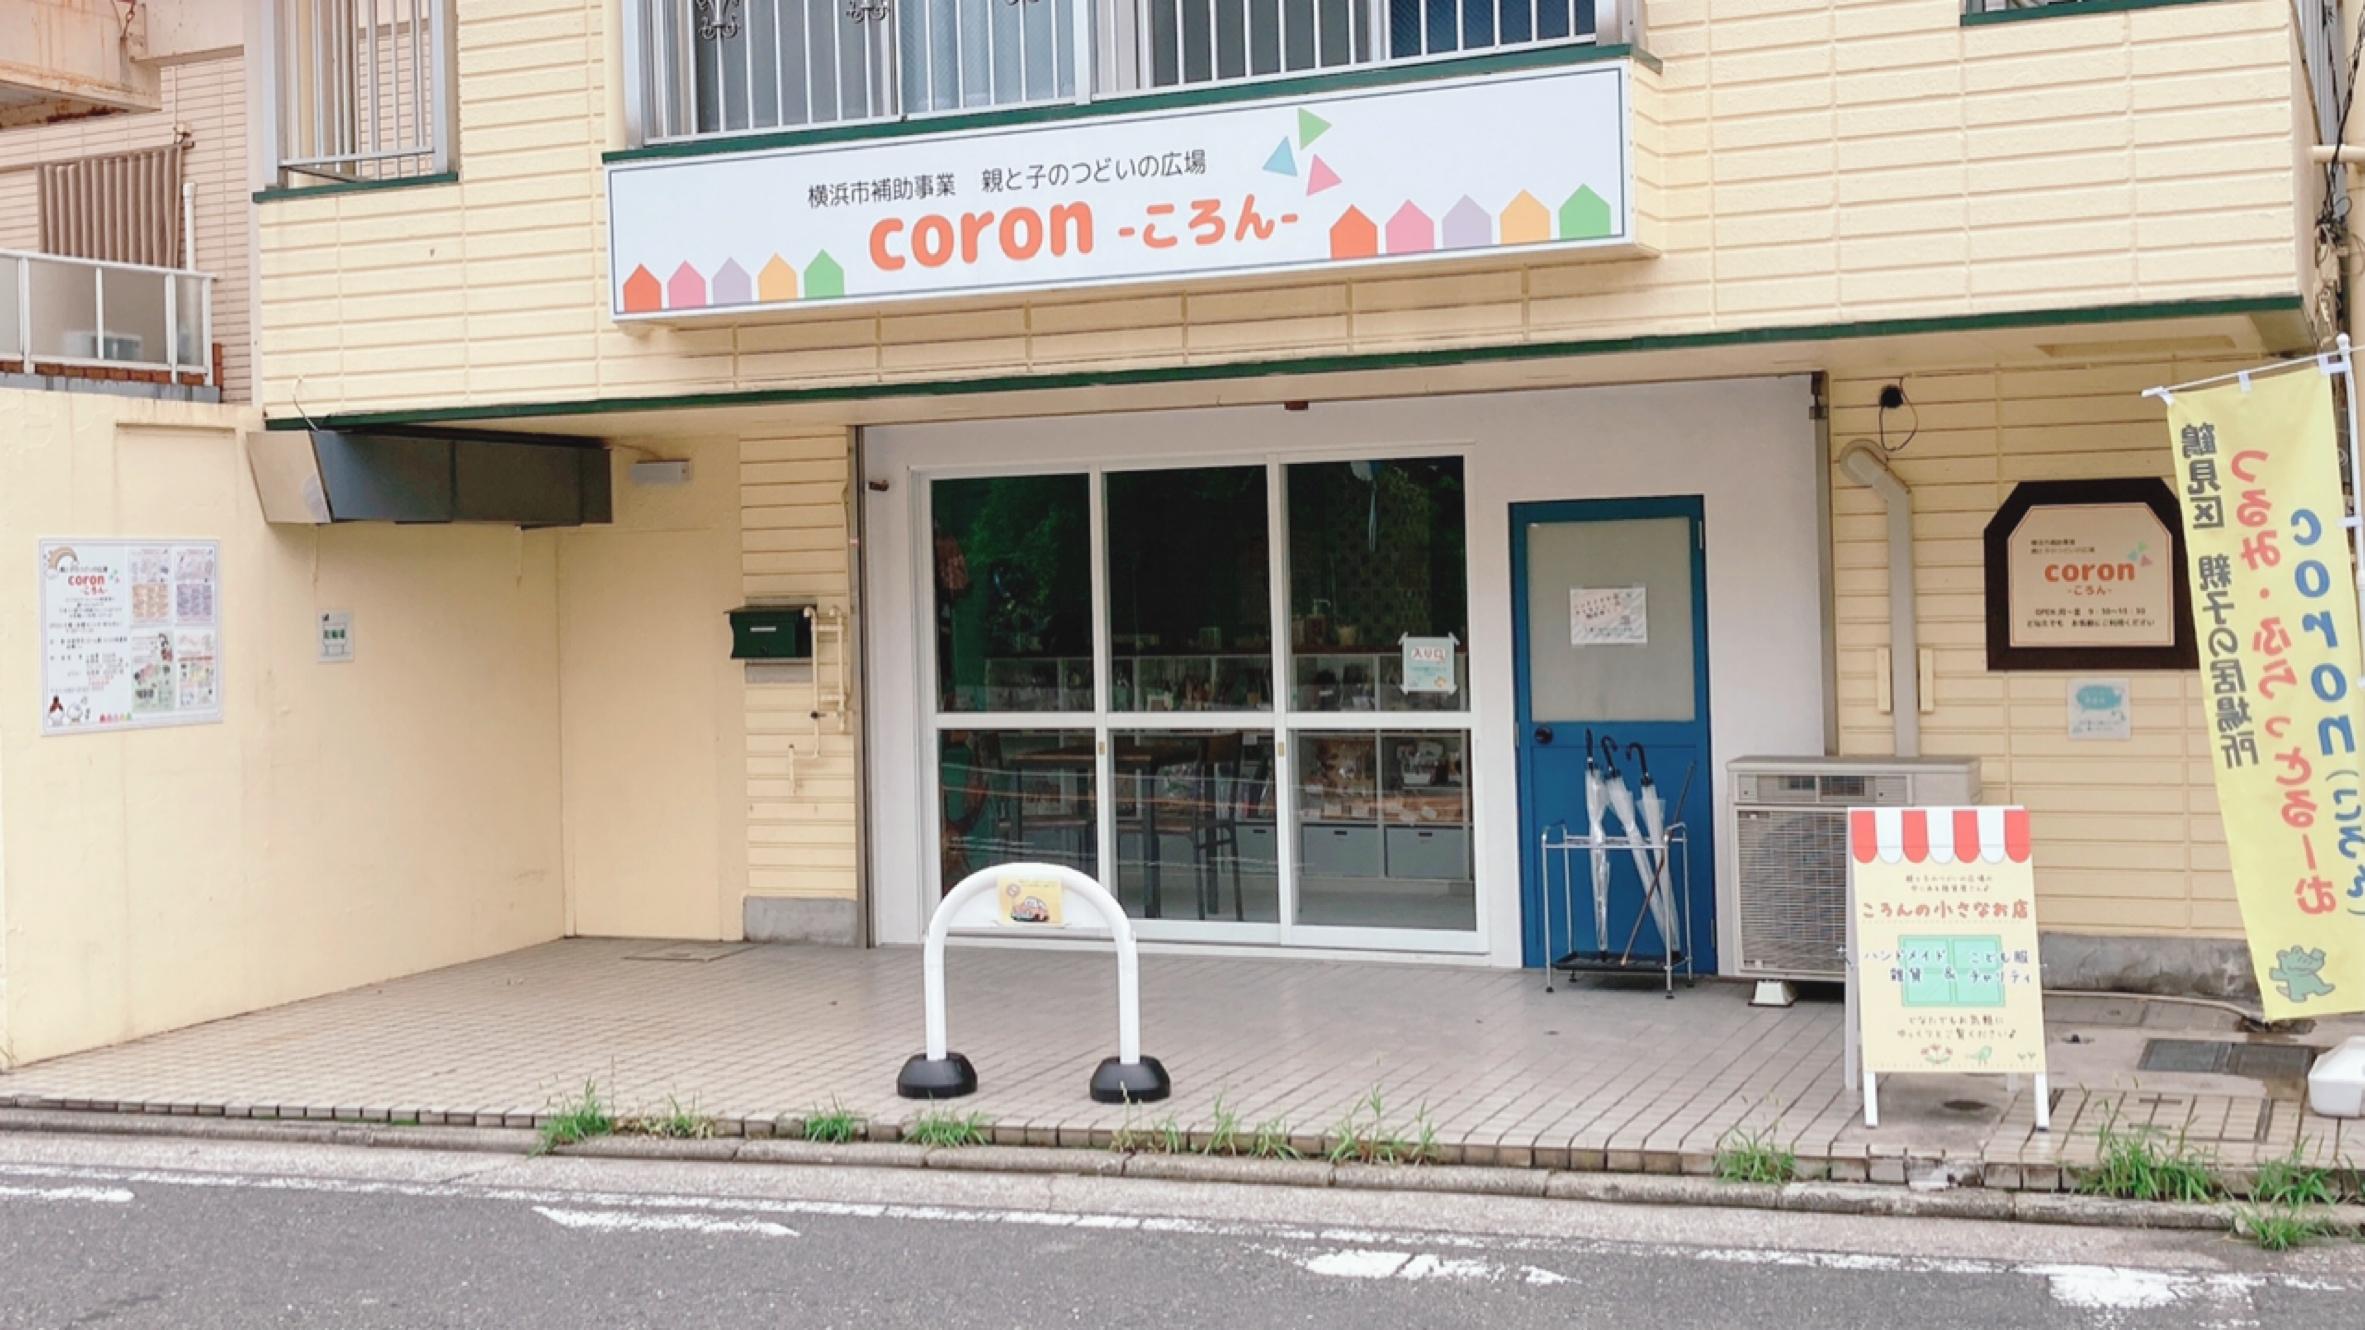 【横浜市鶴見区】親と子のつどいの広場coron(ころん)